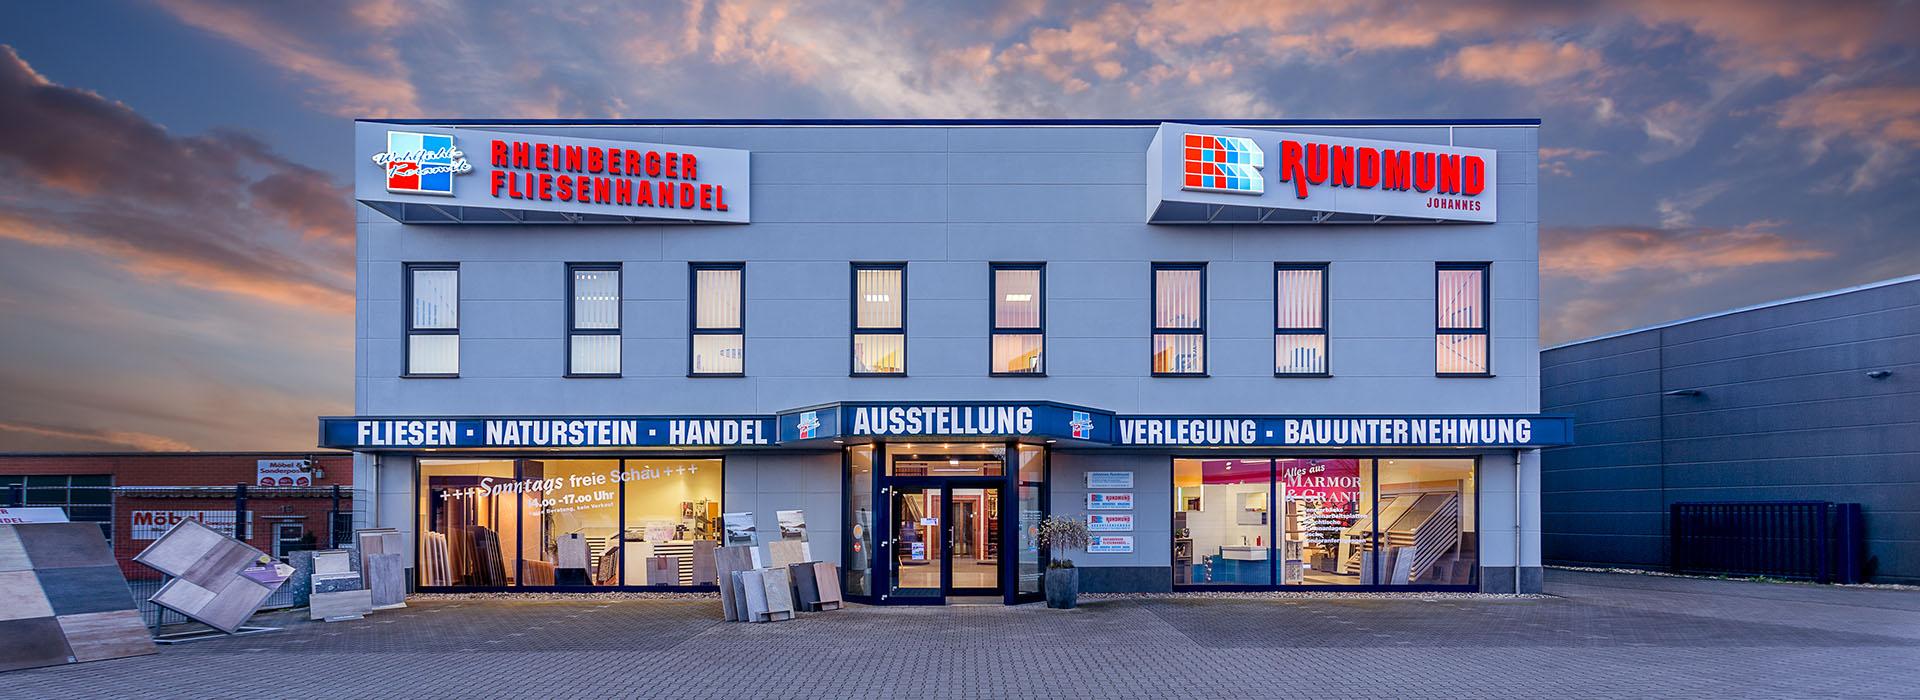 Fliesenhandel  Rheinberger Fliesenhandel - Rundmund Fliesen - Estrich Rheinberg ...